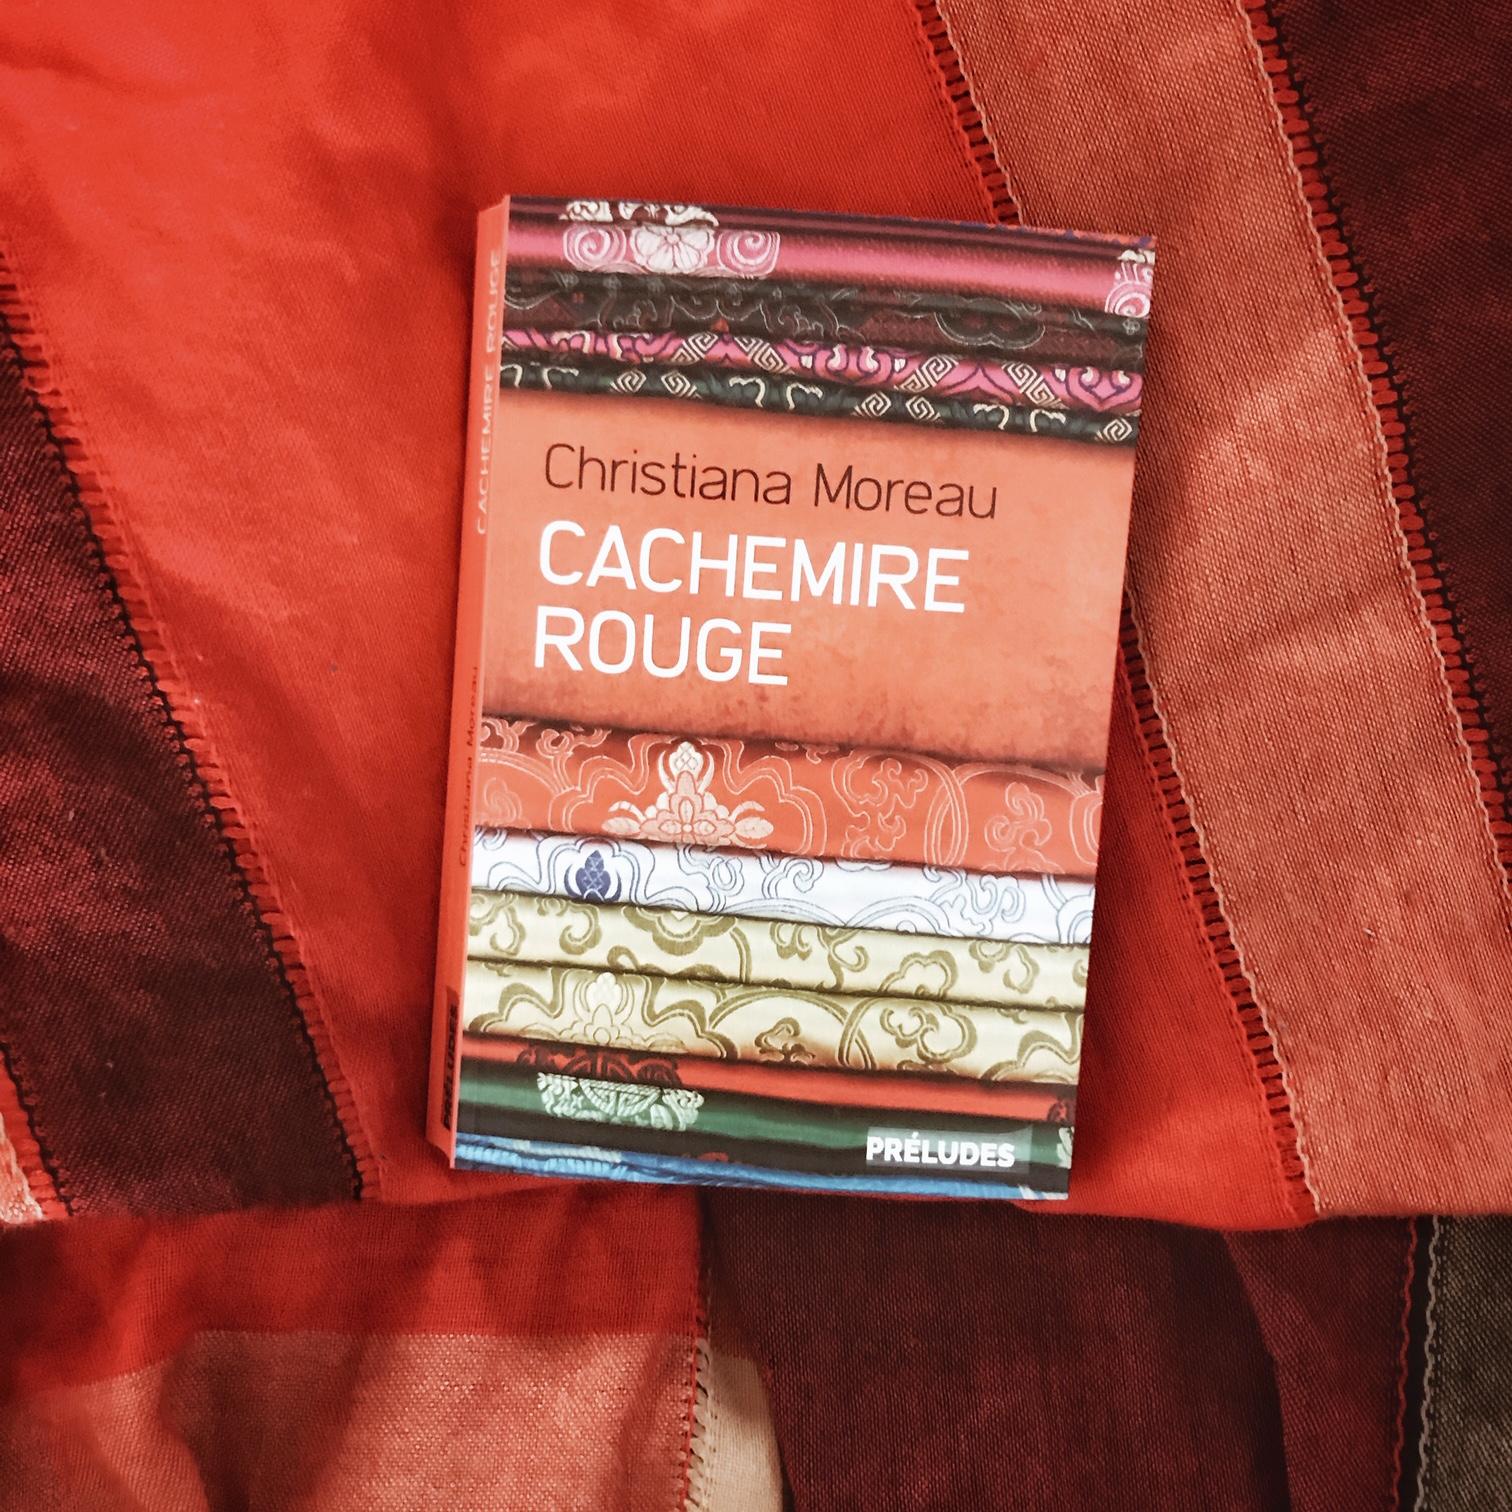 Cachemire rouge, de Christiana Moreau : tisser des liens